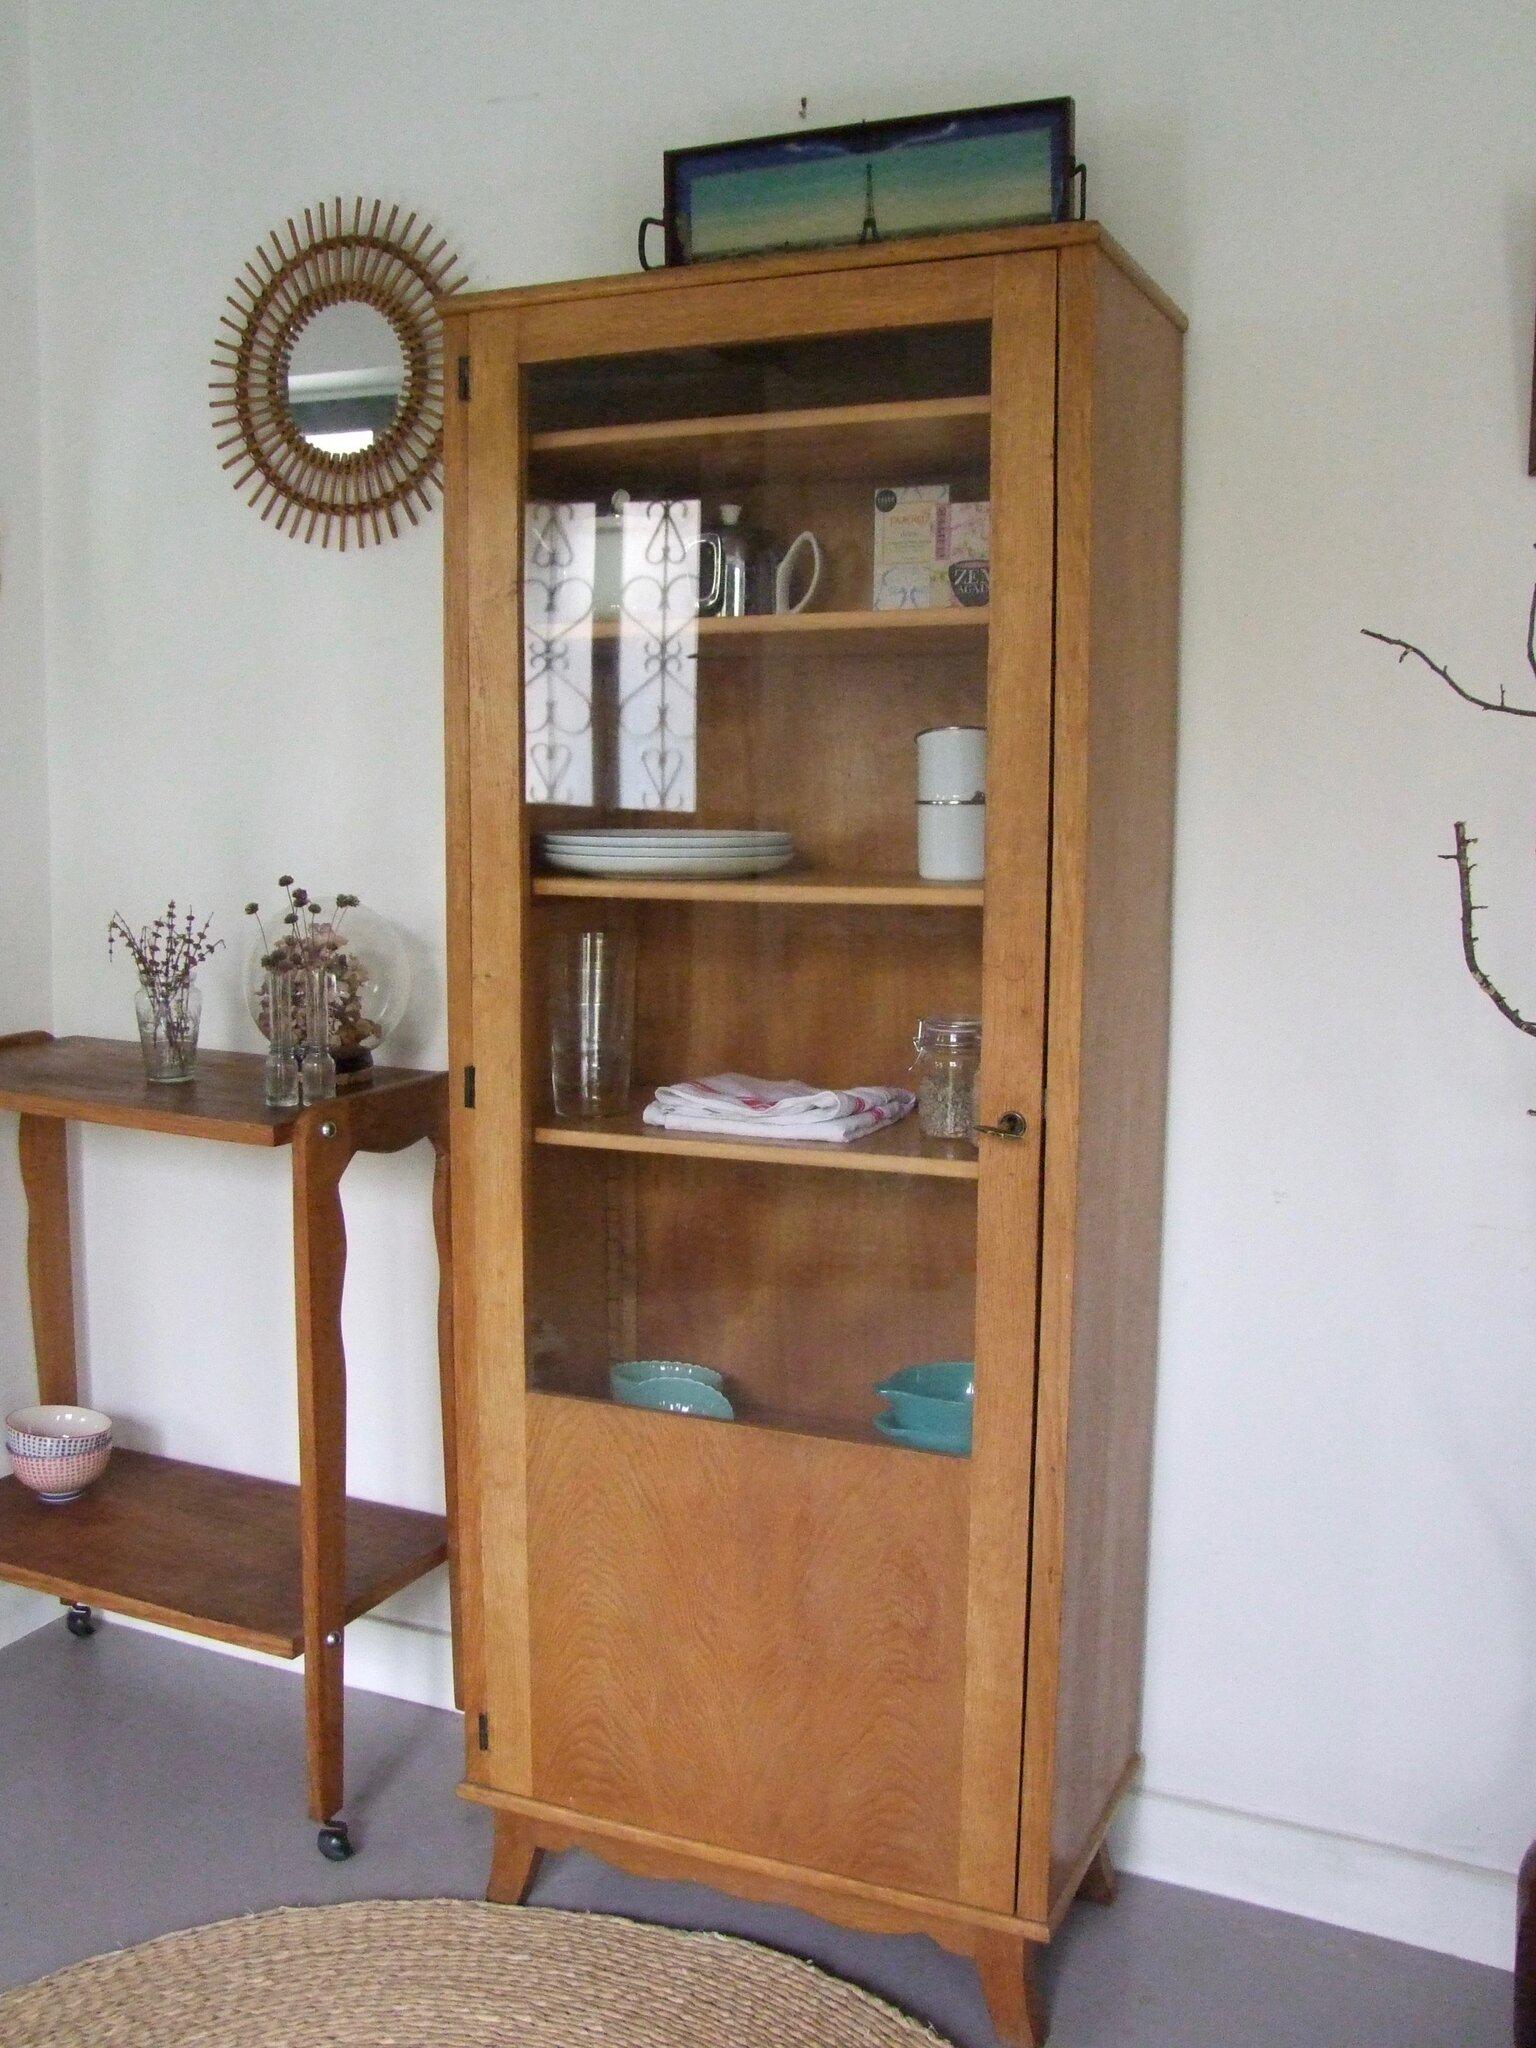 Armoire vaisselier vintage abby meubles vintage pataluna chin s d nich s et d lur s - Meubles chines ...